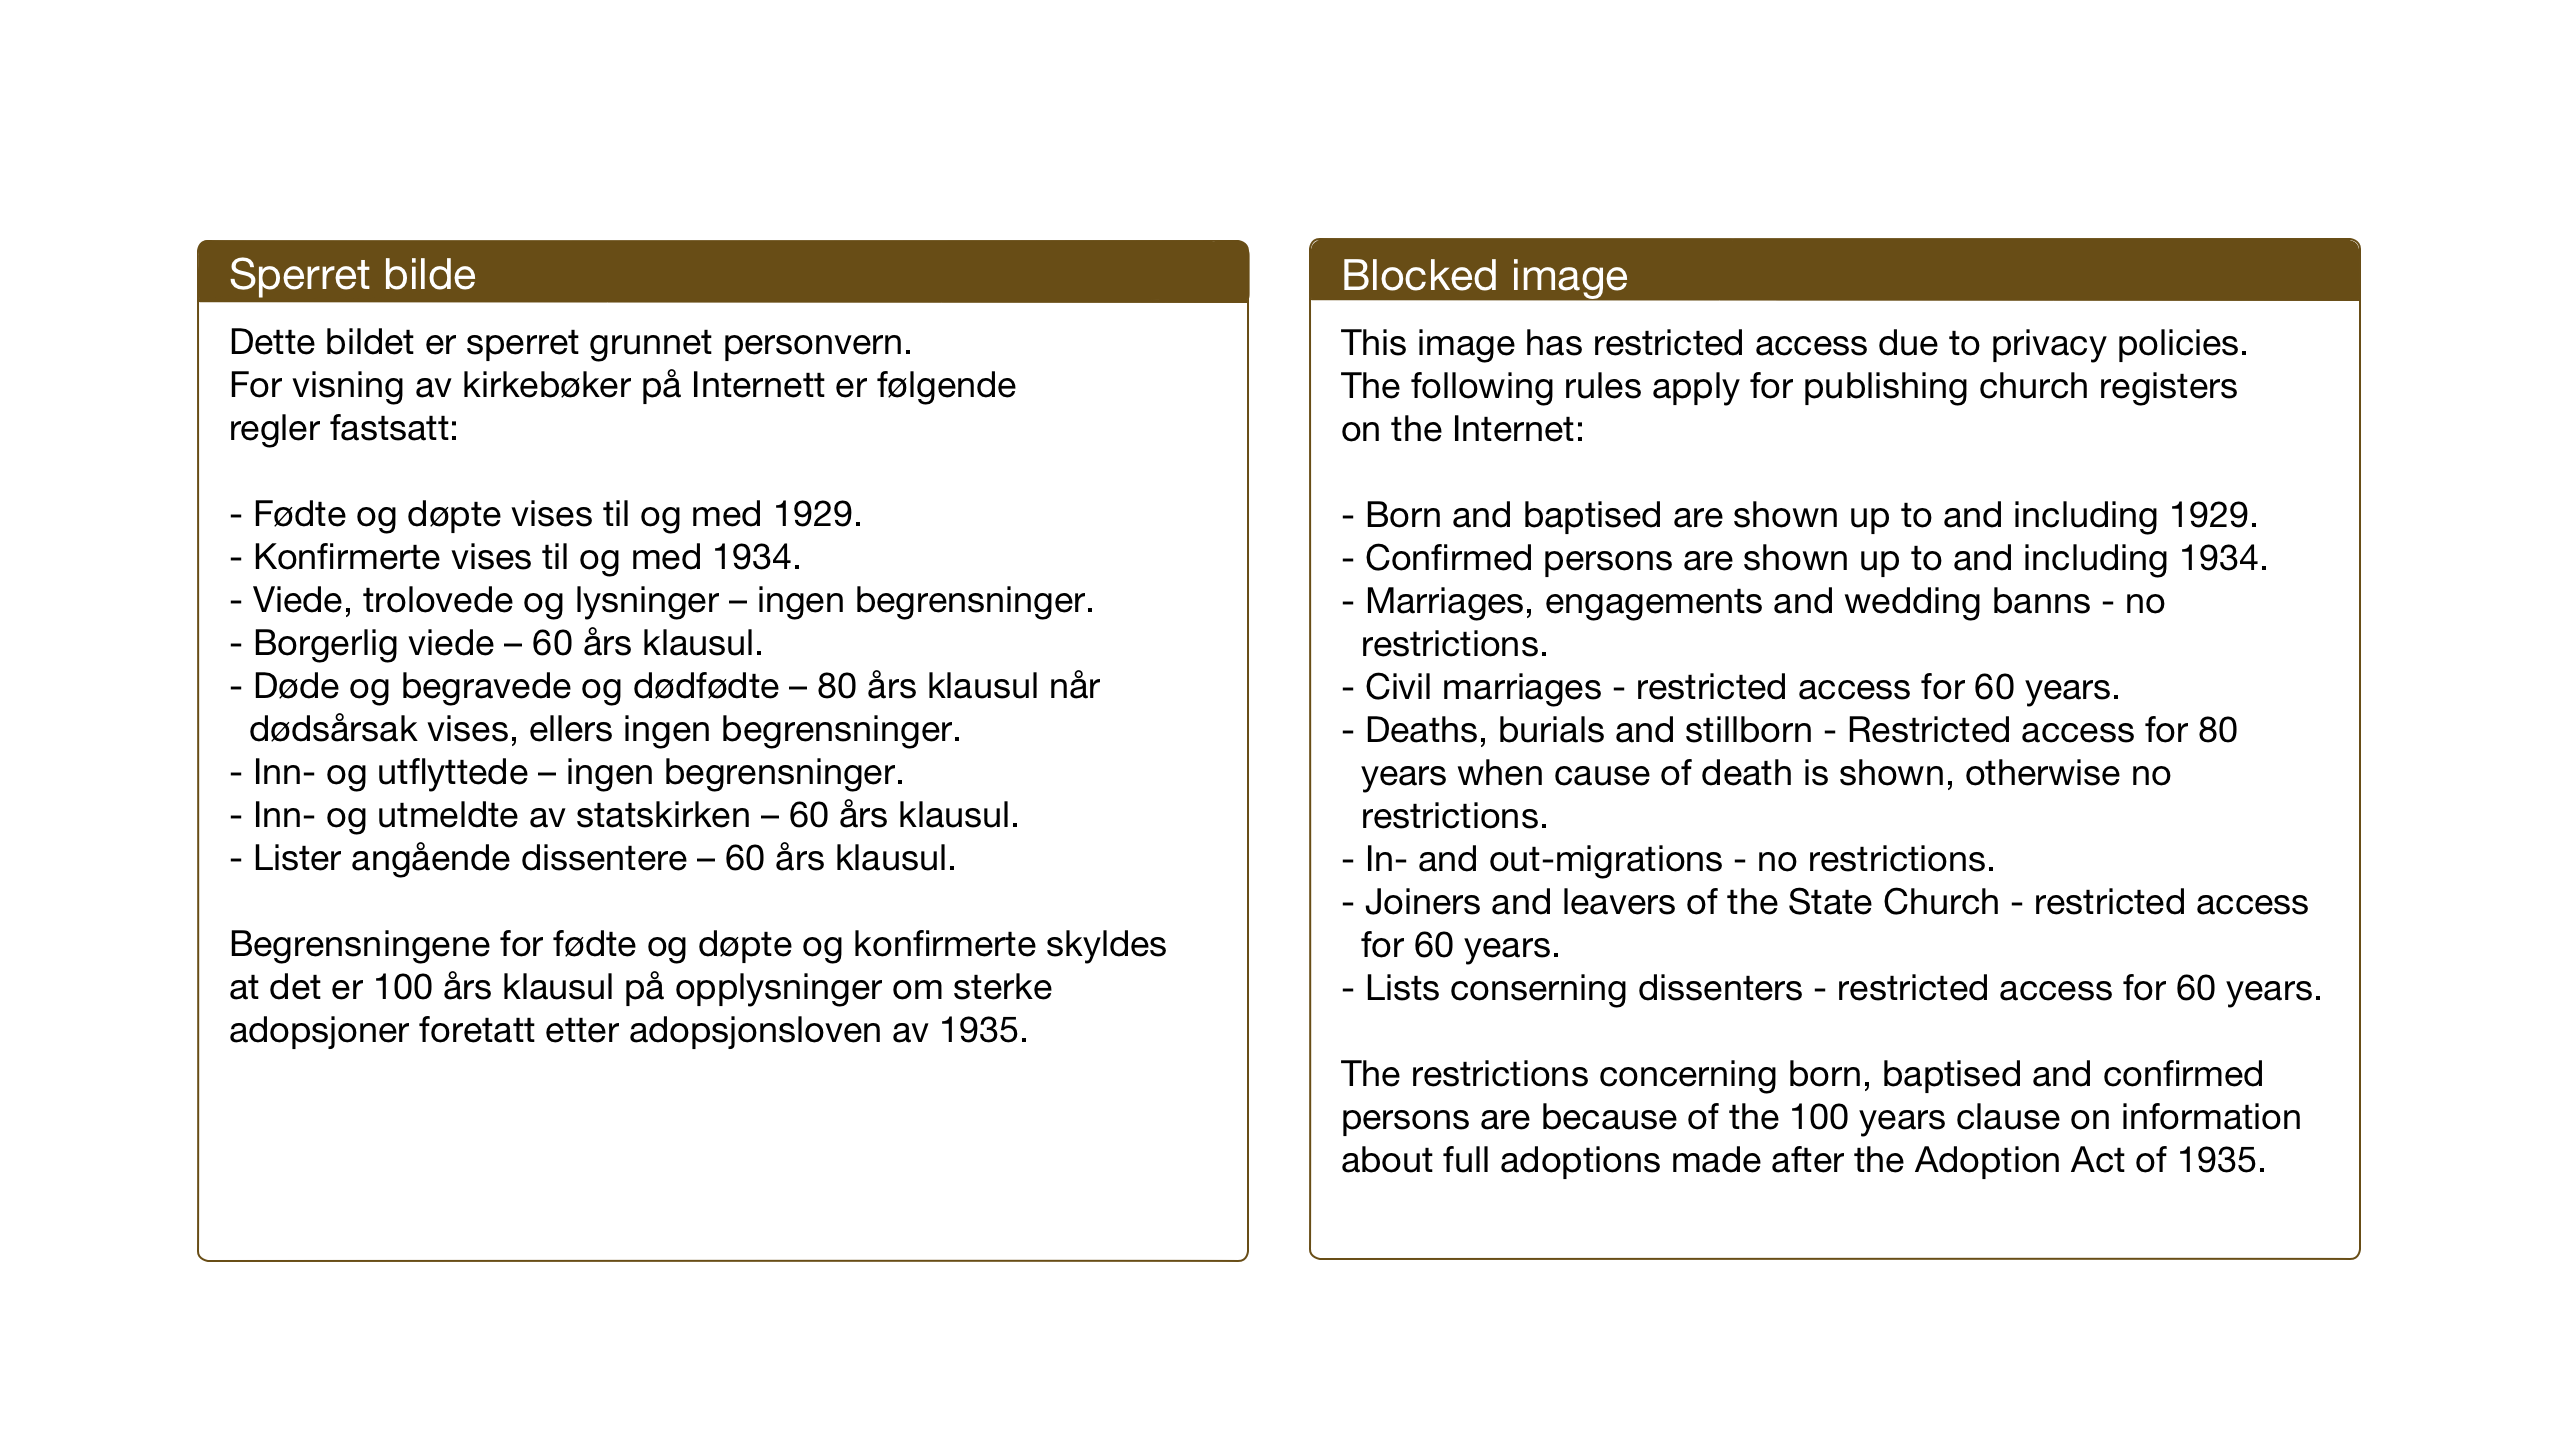 SAT, Ministerialprotokoller, klokkerbøker og fødselsregistre - Sør-Trøndelag, 651/L0648: Klokkerbok nr. 651C02, 1915-1945, s. 63